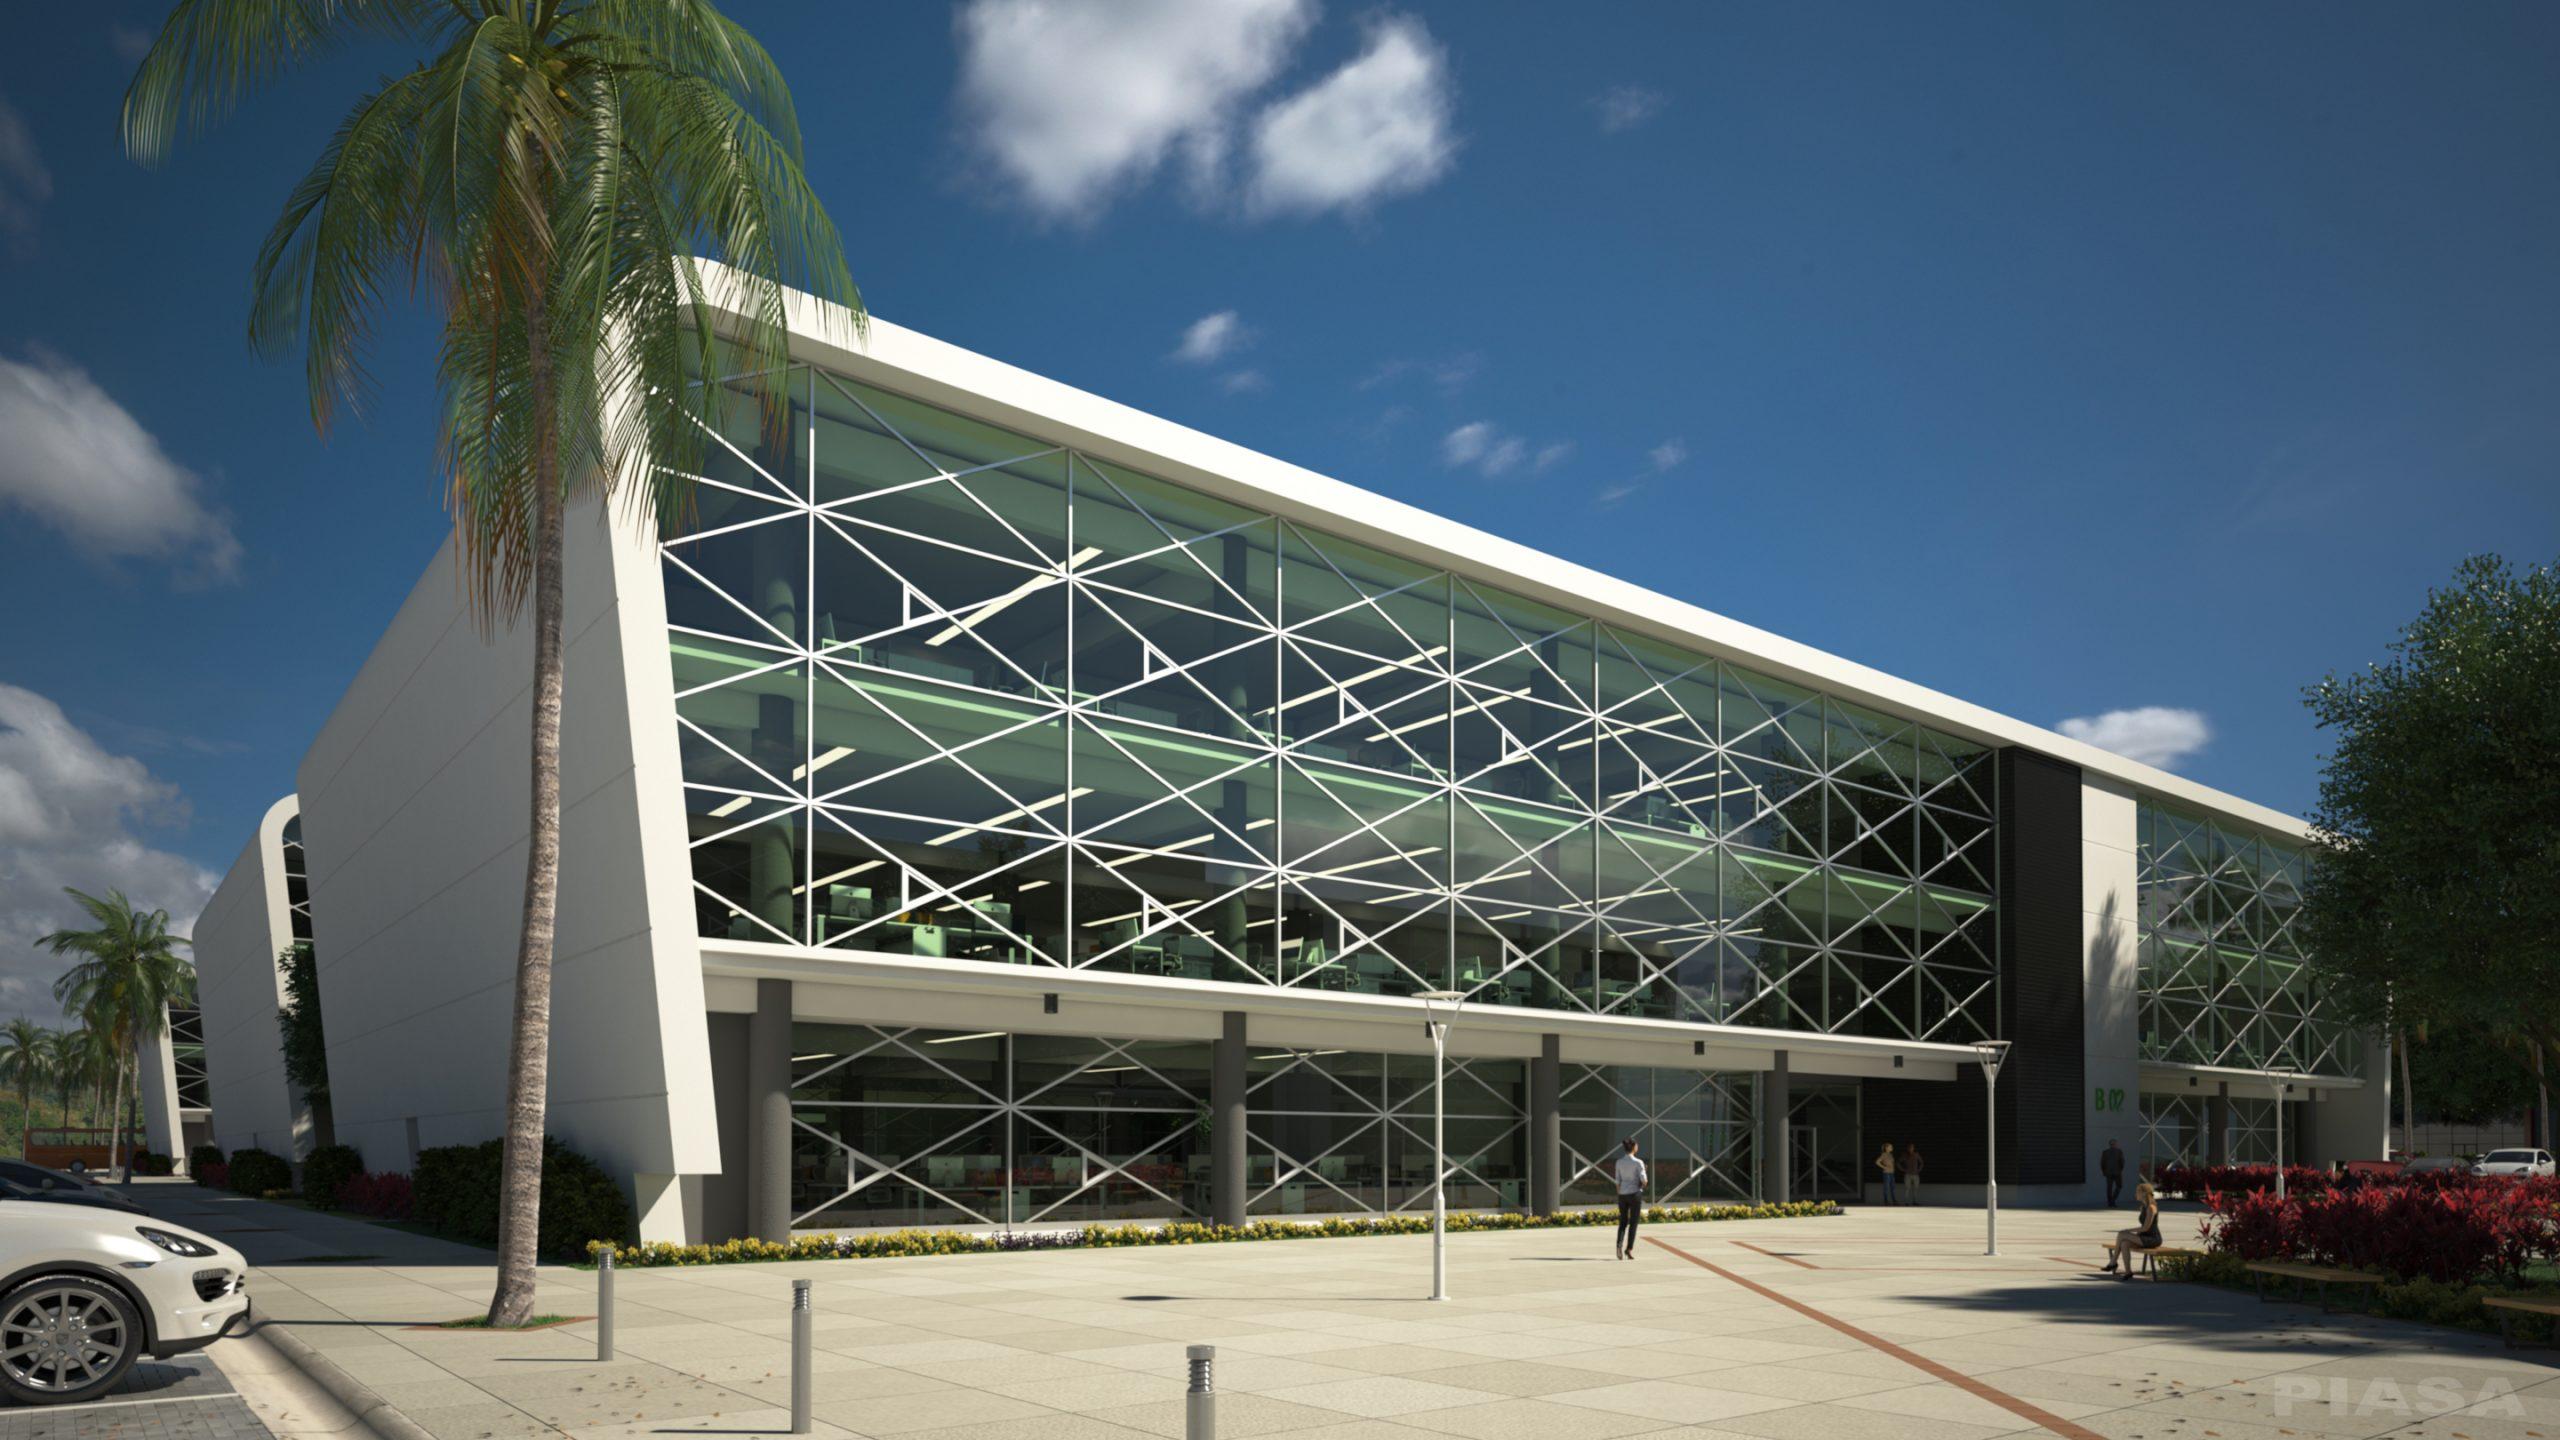 LA CEIBA BUILDING viewA